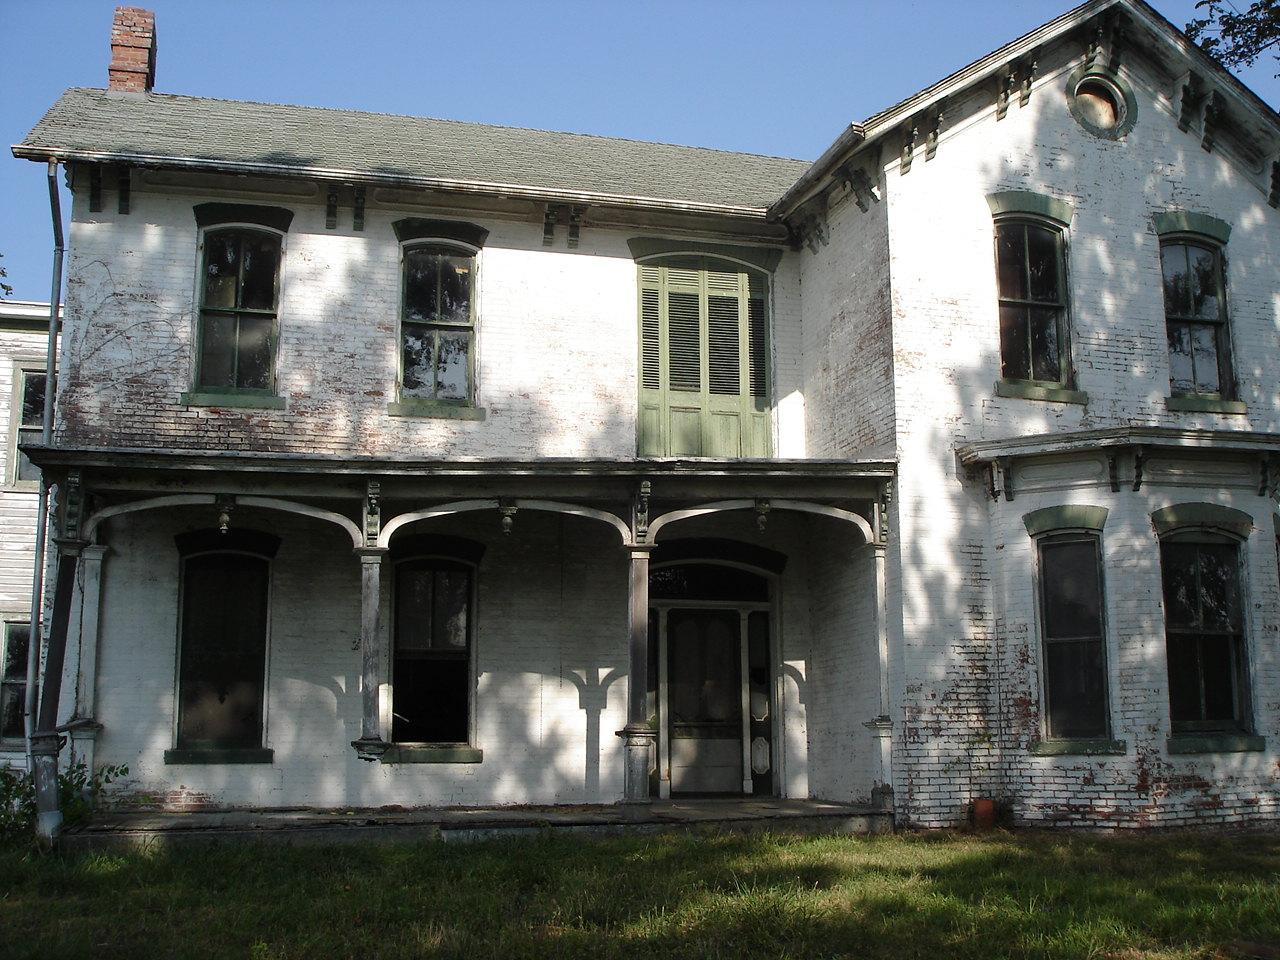 Abandoned Farmhouse in Shiloh Illinois